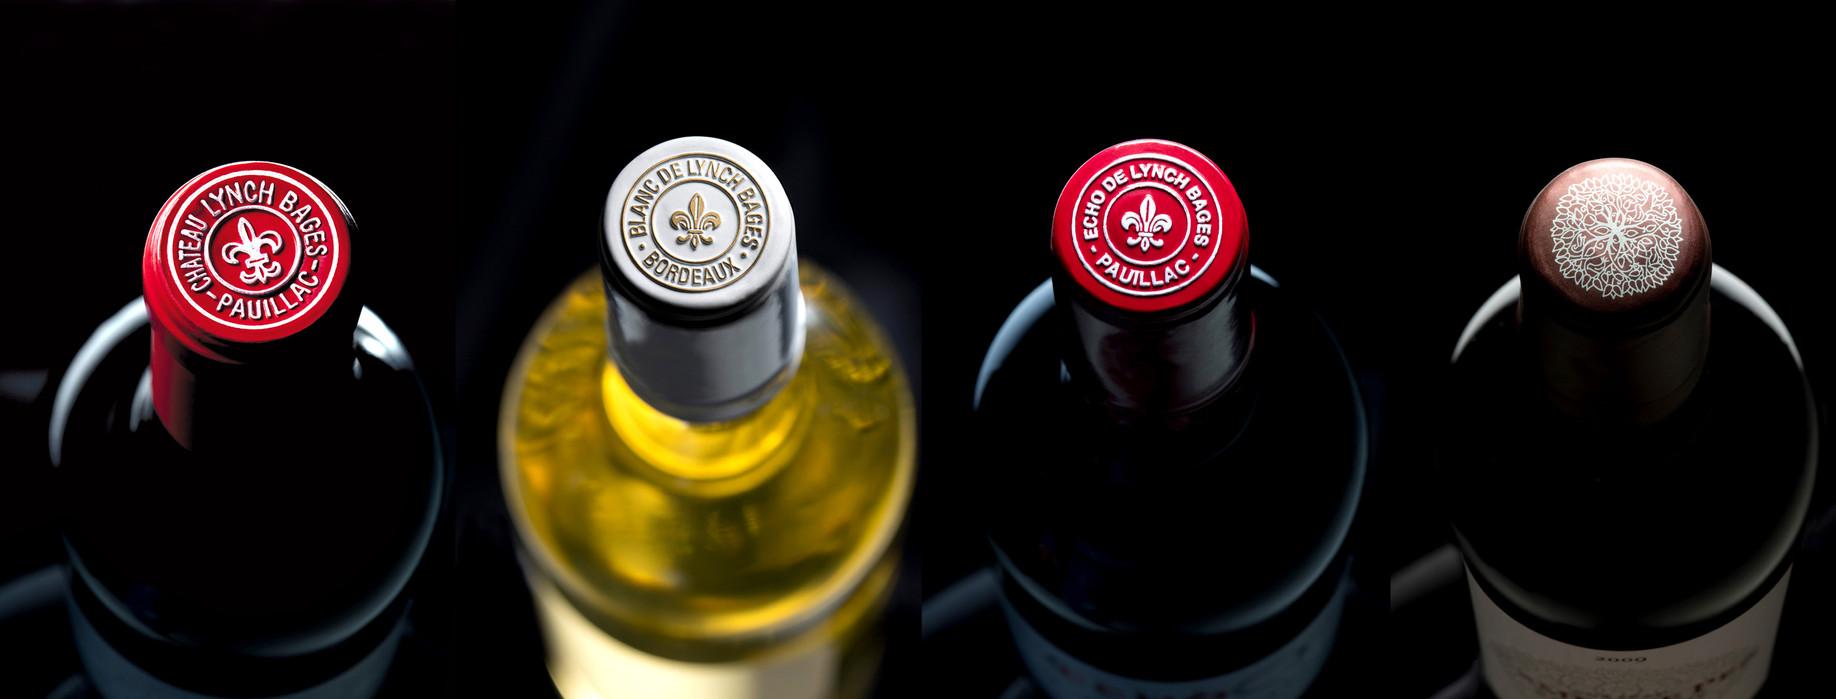 photographe-bouteille-vignoble-vin-153.j